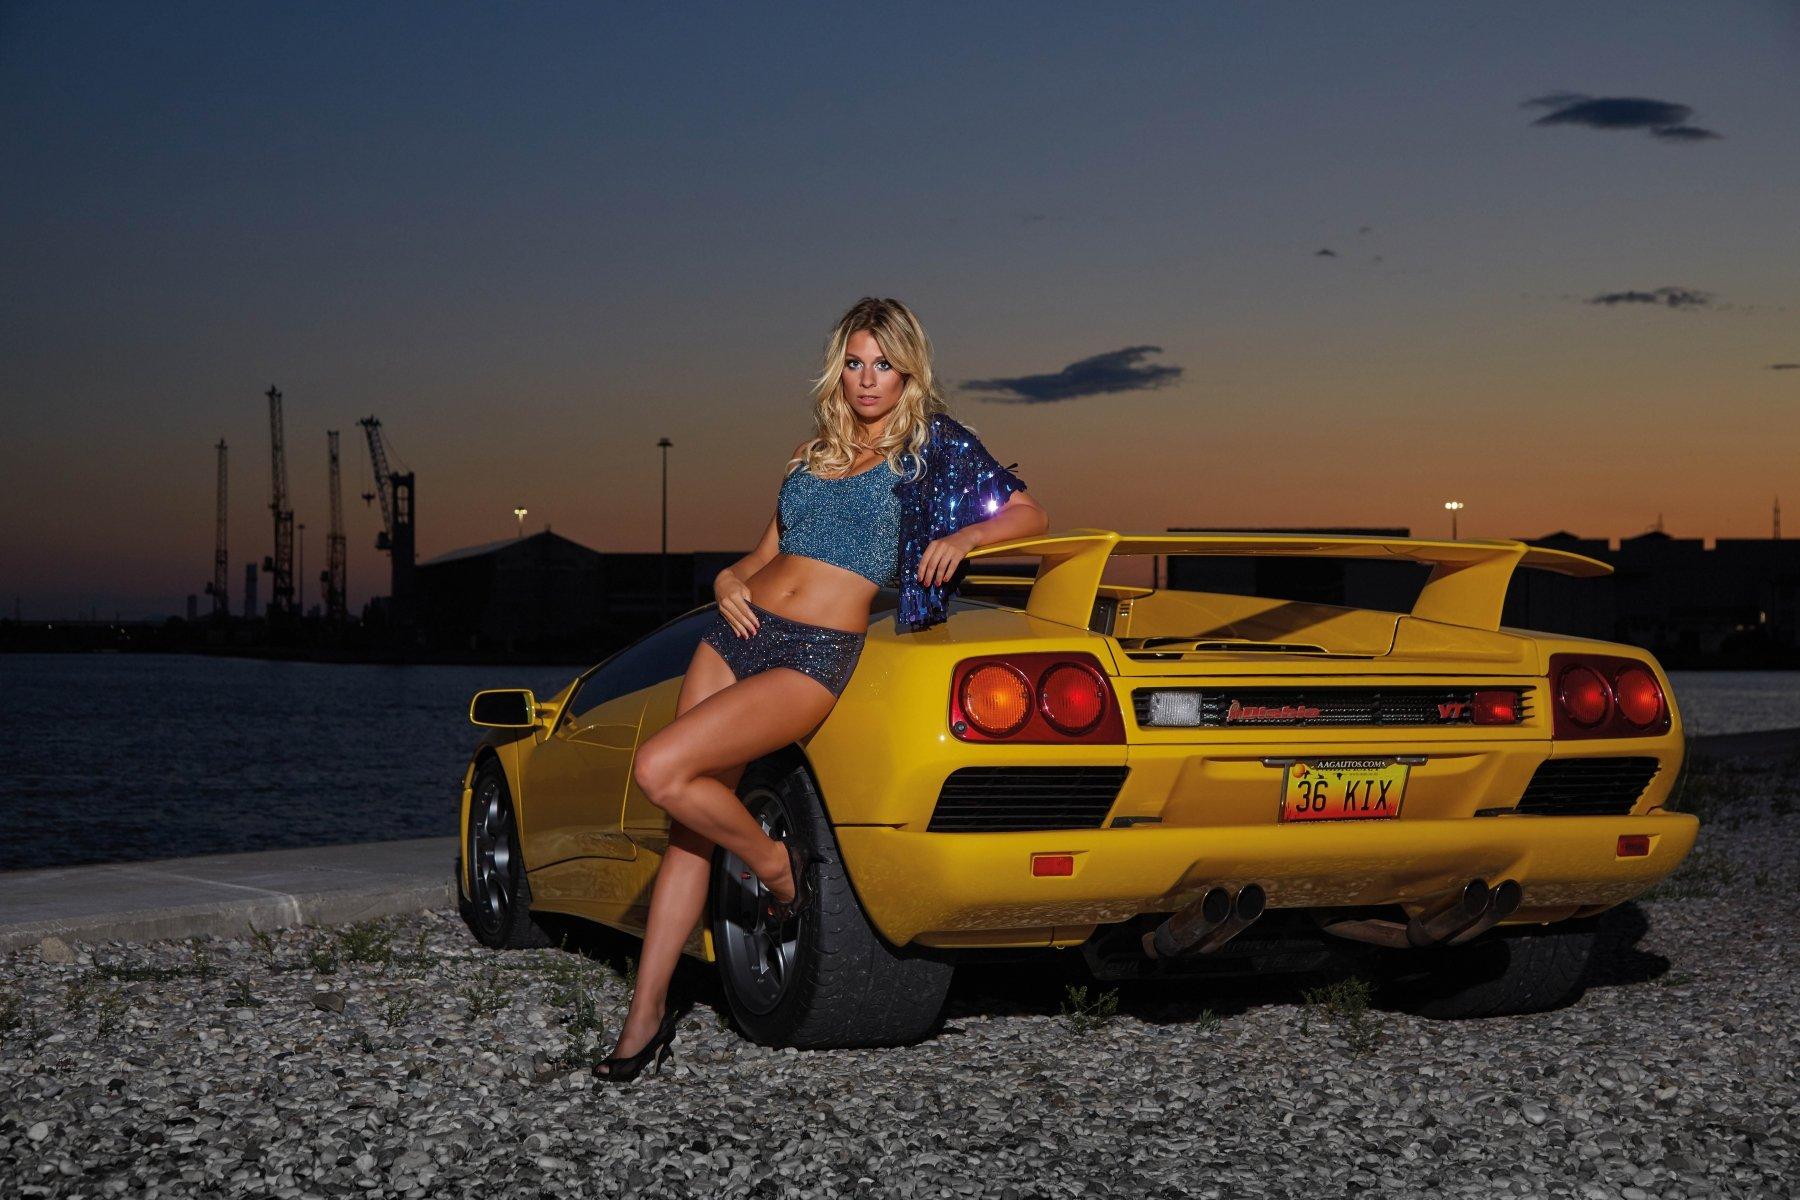 Im Industriehafen von Venedig traf Miss Tuning Vanessa auf einen seltenen Lamborghini Diablo, ein Modell, das nur knapp 3000-mal gebaut wurde. (Foto: Messe Friedrichshafen)